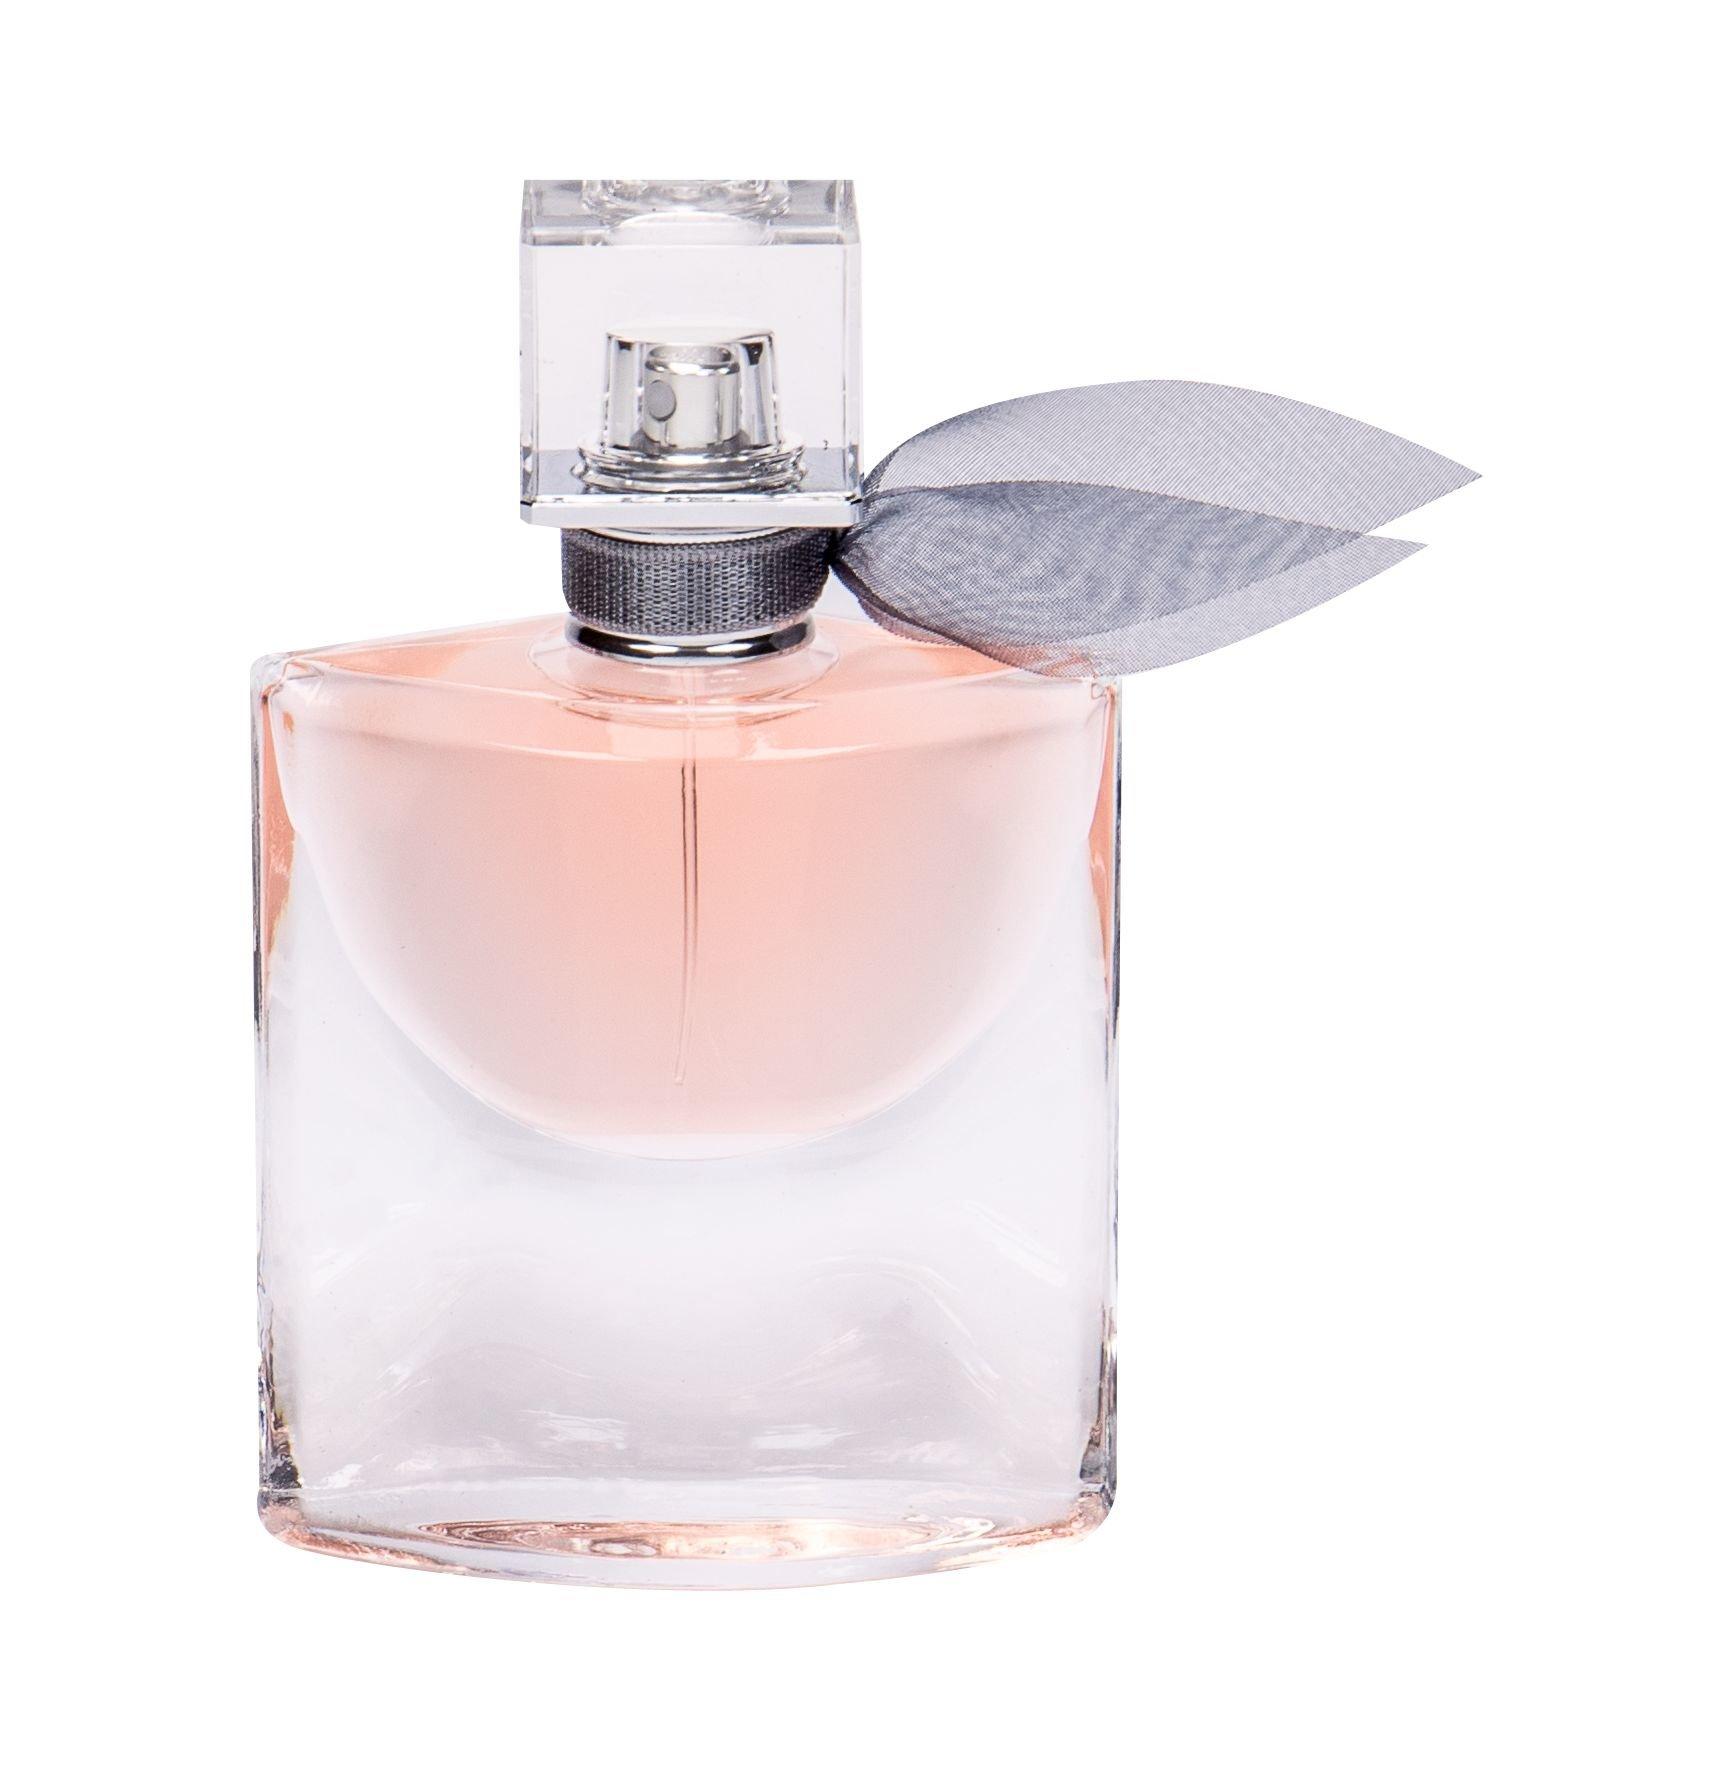 Lancôme La Vie Est Belle Eau de Parfum 20ml